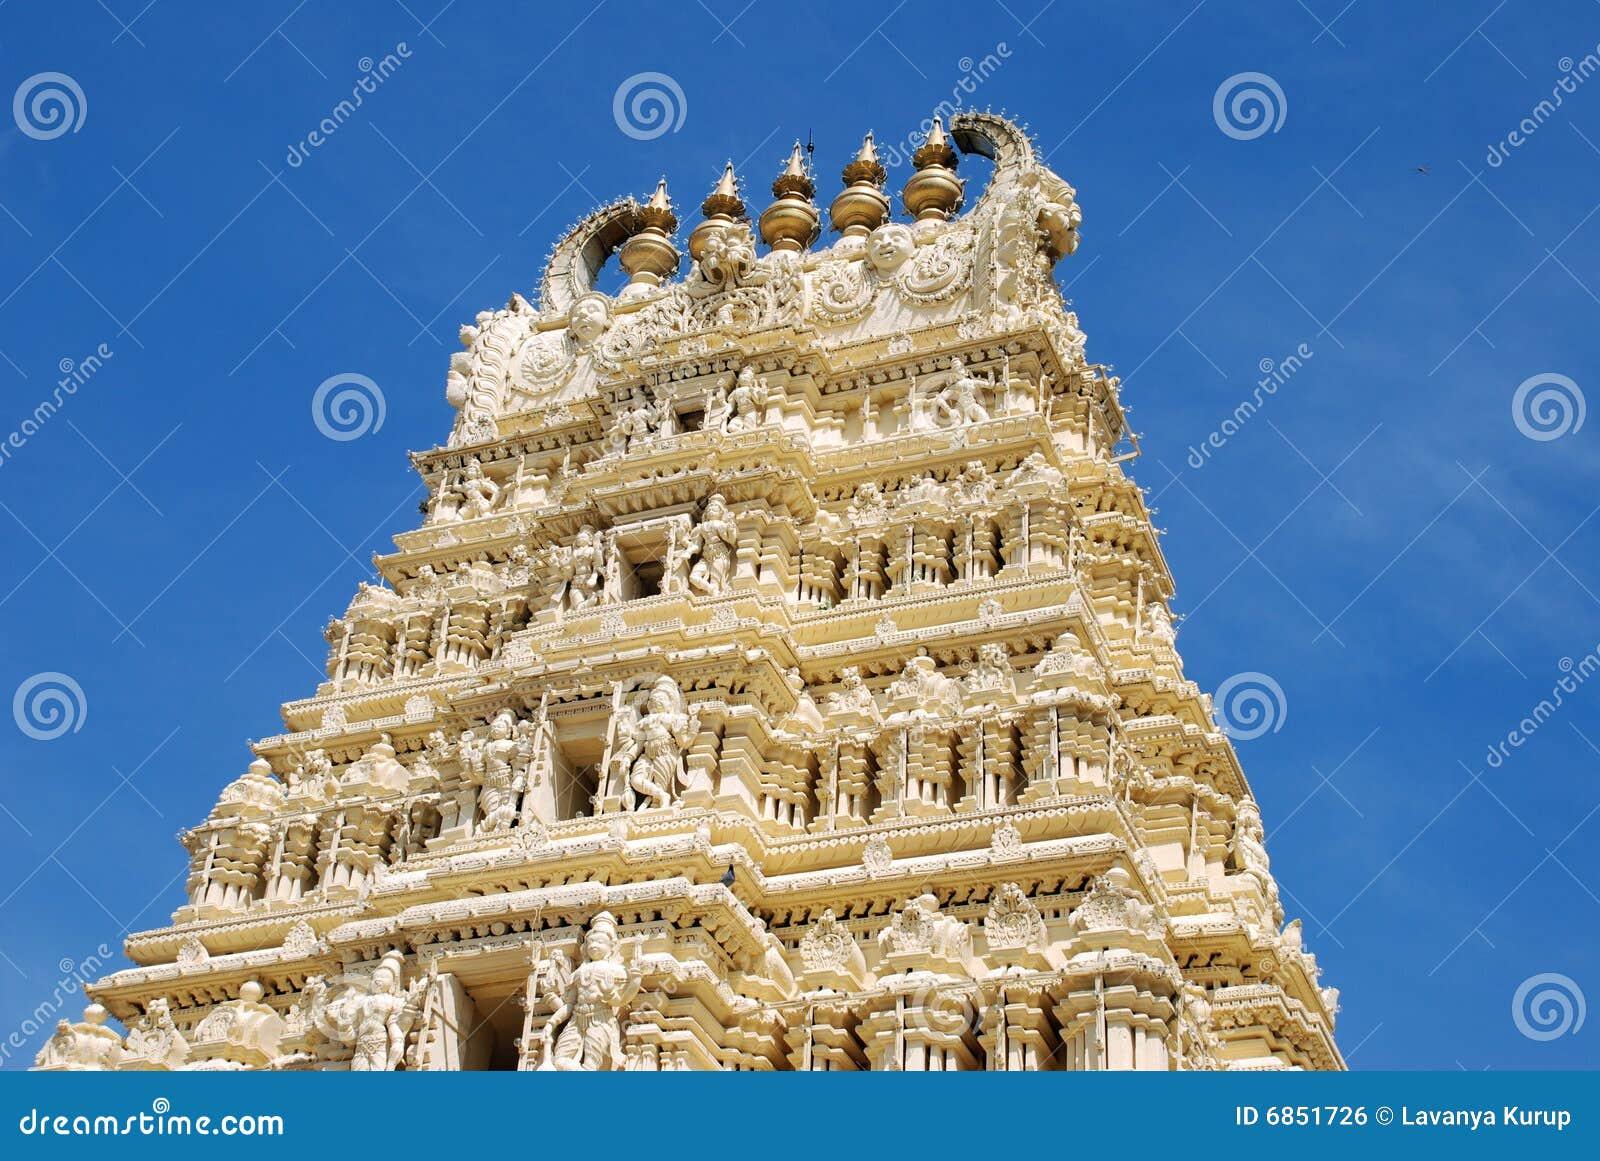 Tour de temple